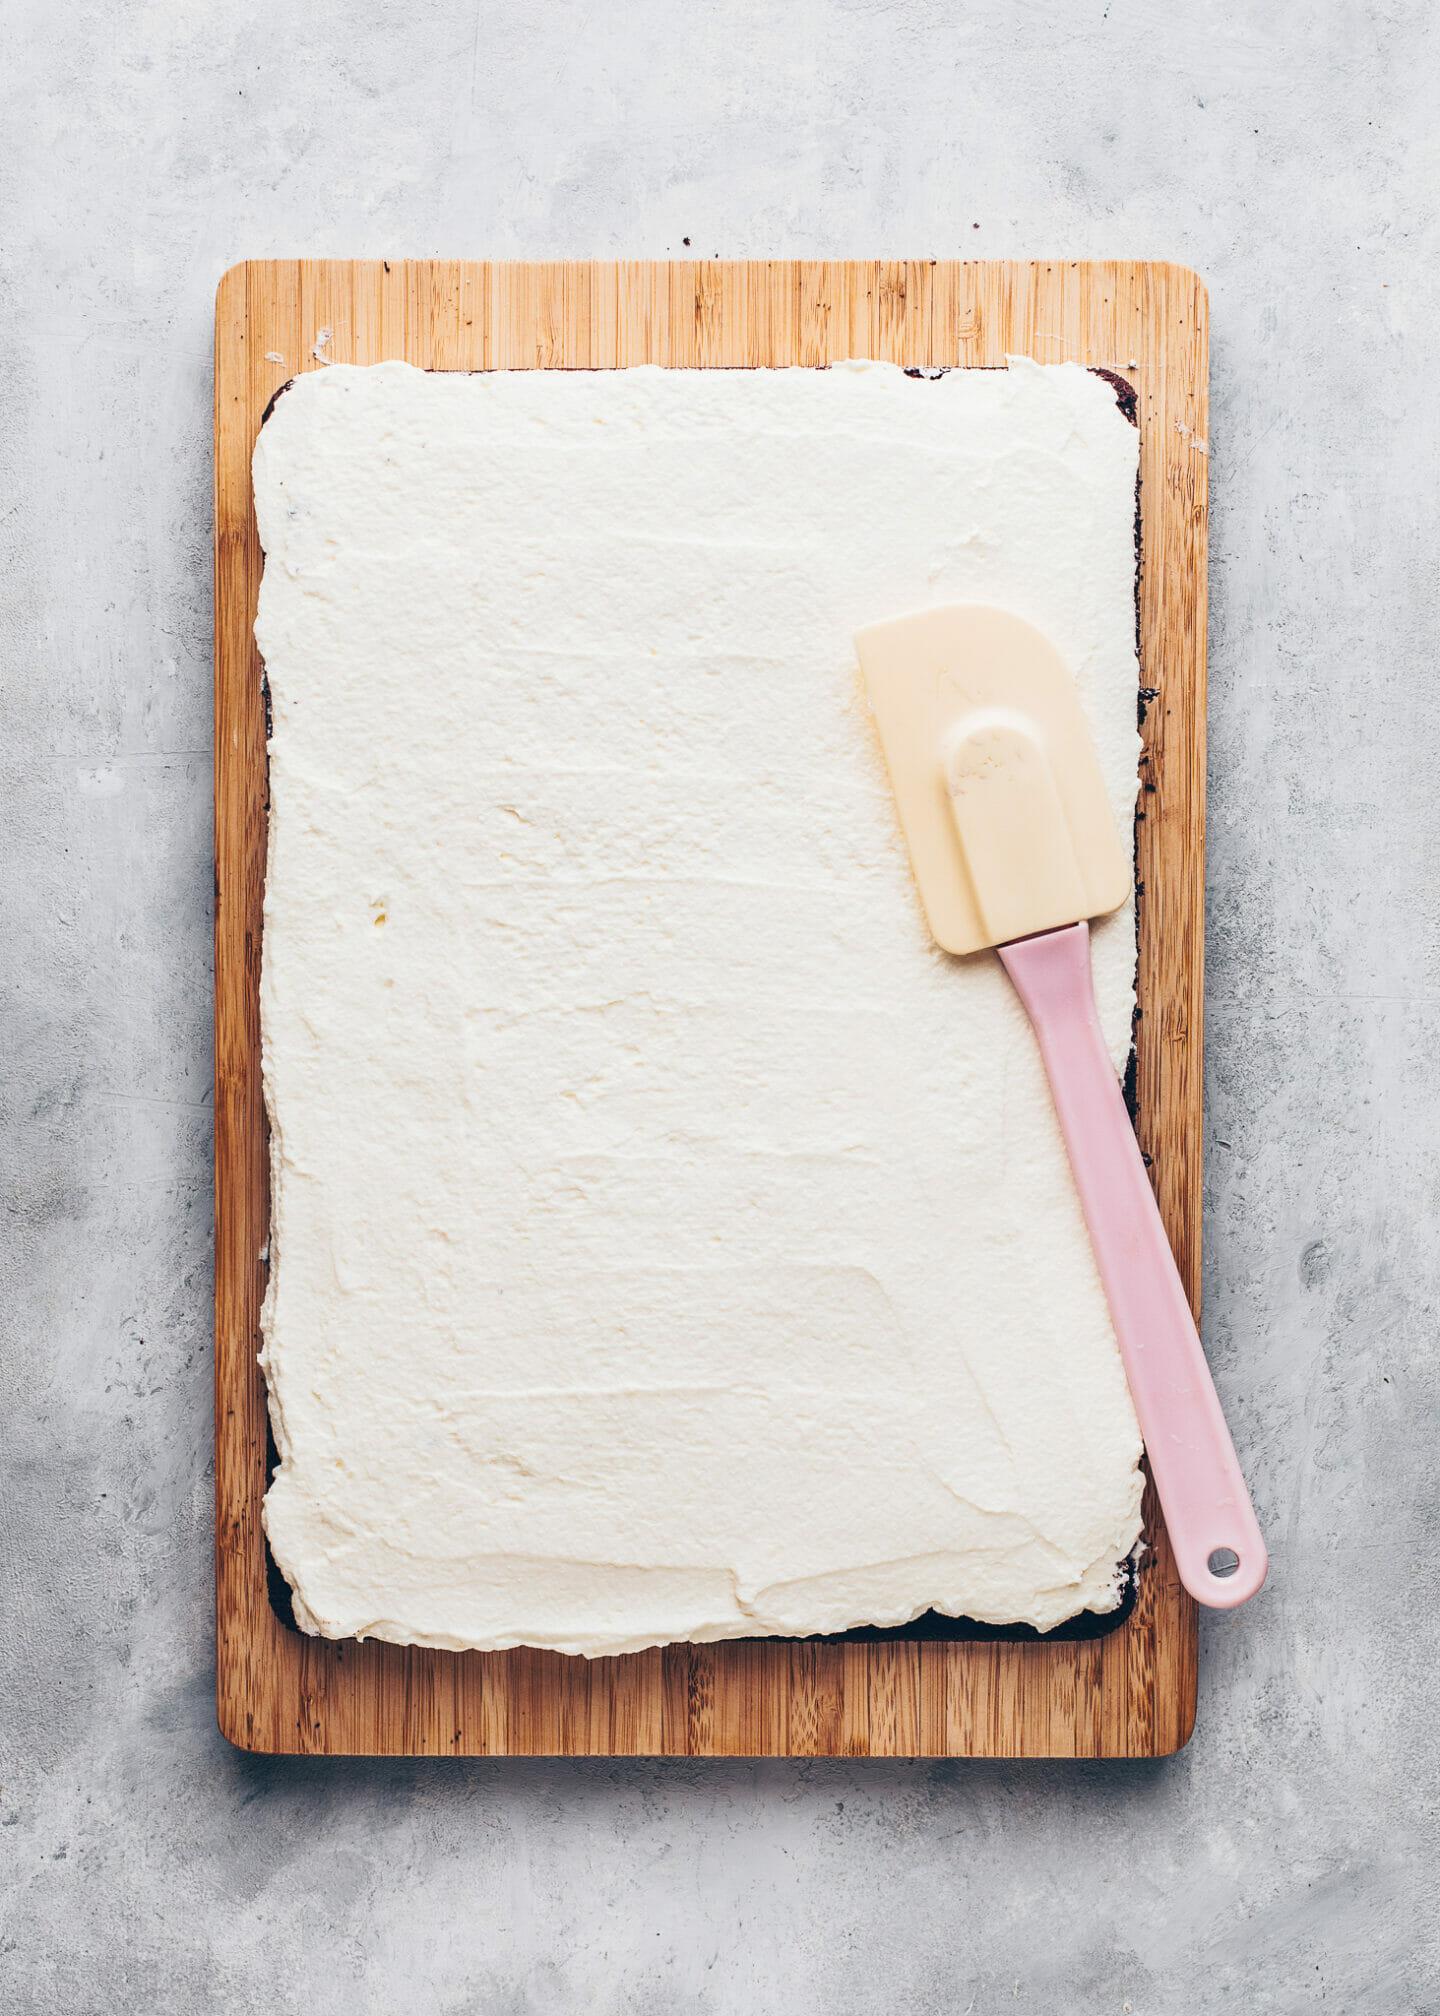 vegan milk slices